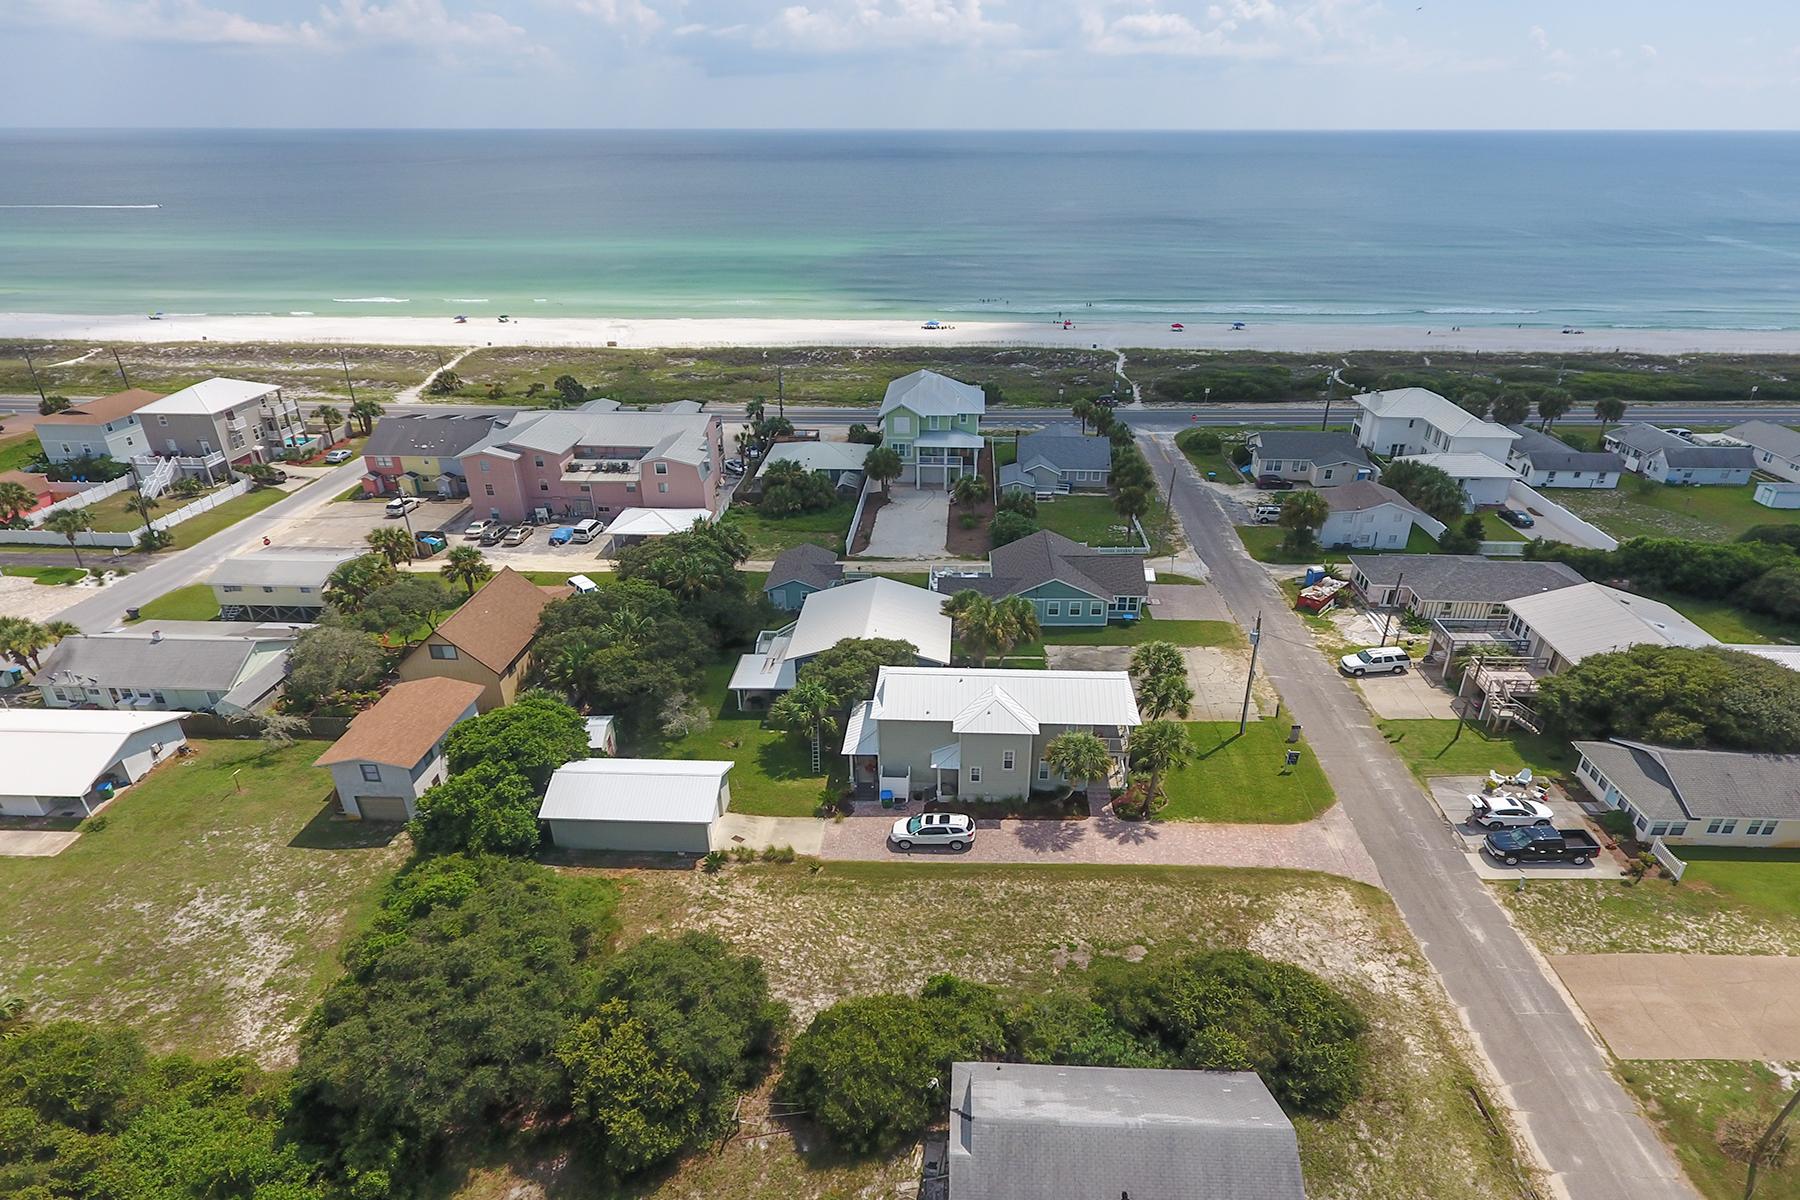 Terreno para Venda às NICE LEVEL LOT SHORT WALK TO PRIVATE DEDICATED BEACH 128 3rd Street Panama City Beach, Florida, 32413 Estados Unidos